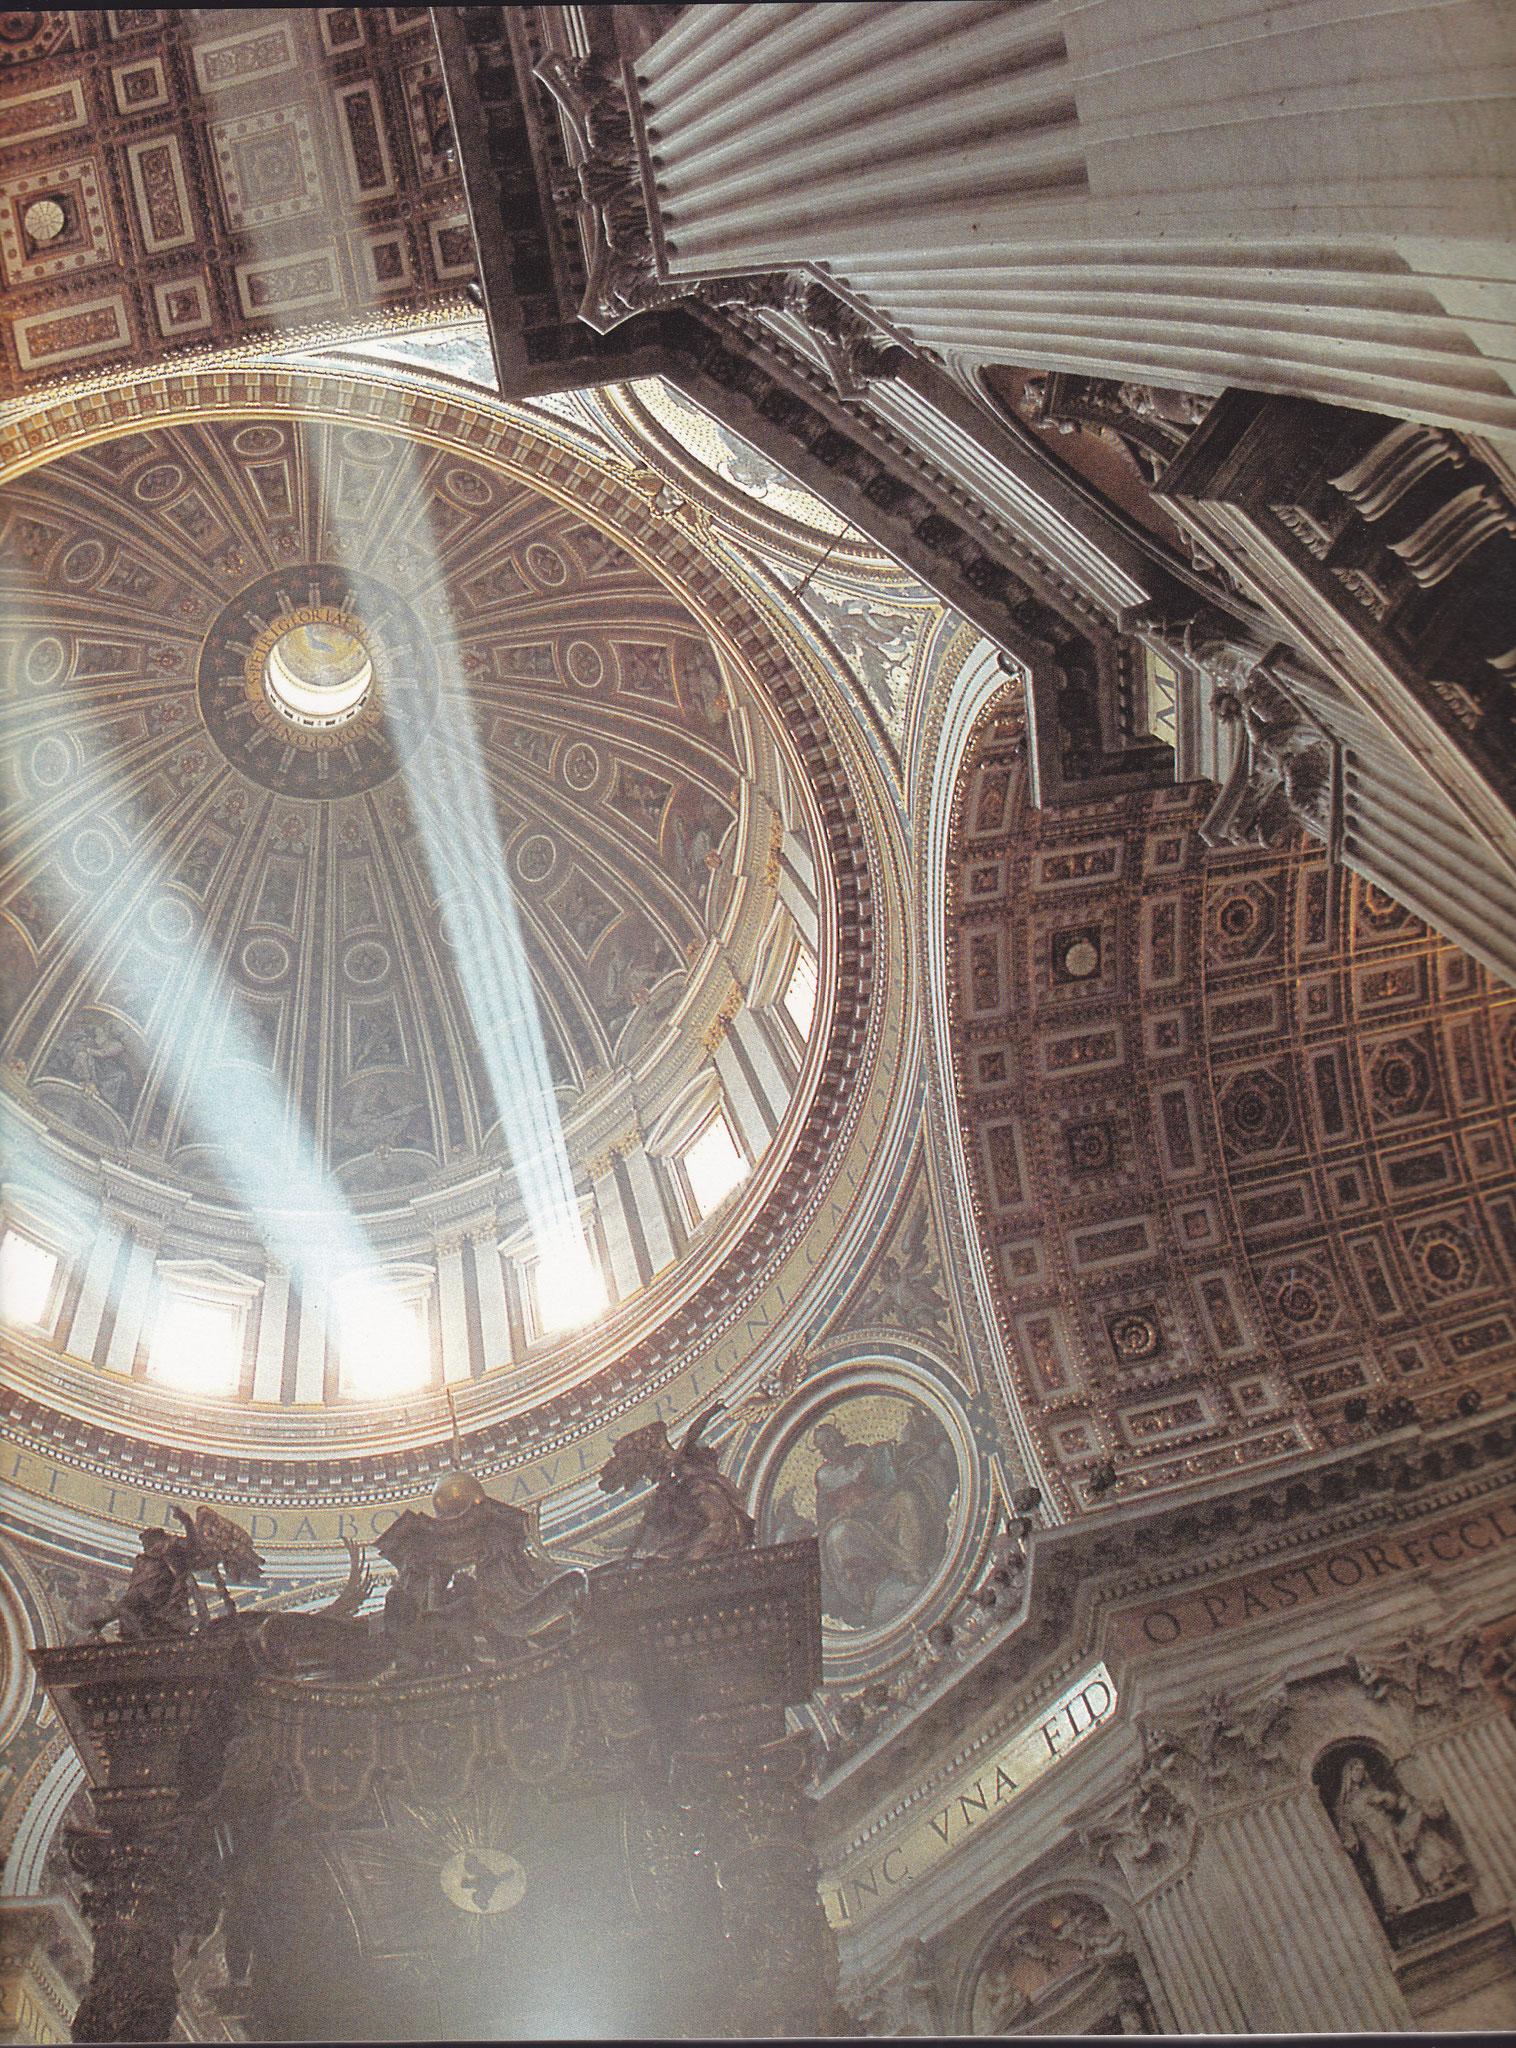 La chiesa di San Pietro a Roma è un bell'esempio di raggi di luce raggruppati.